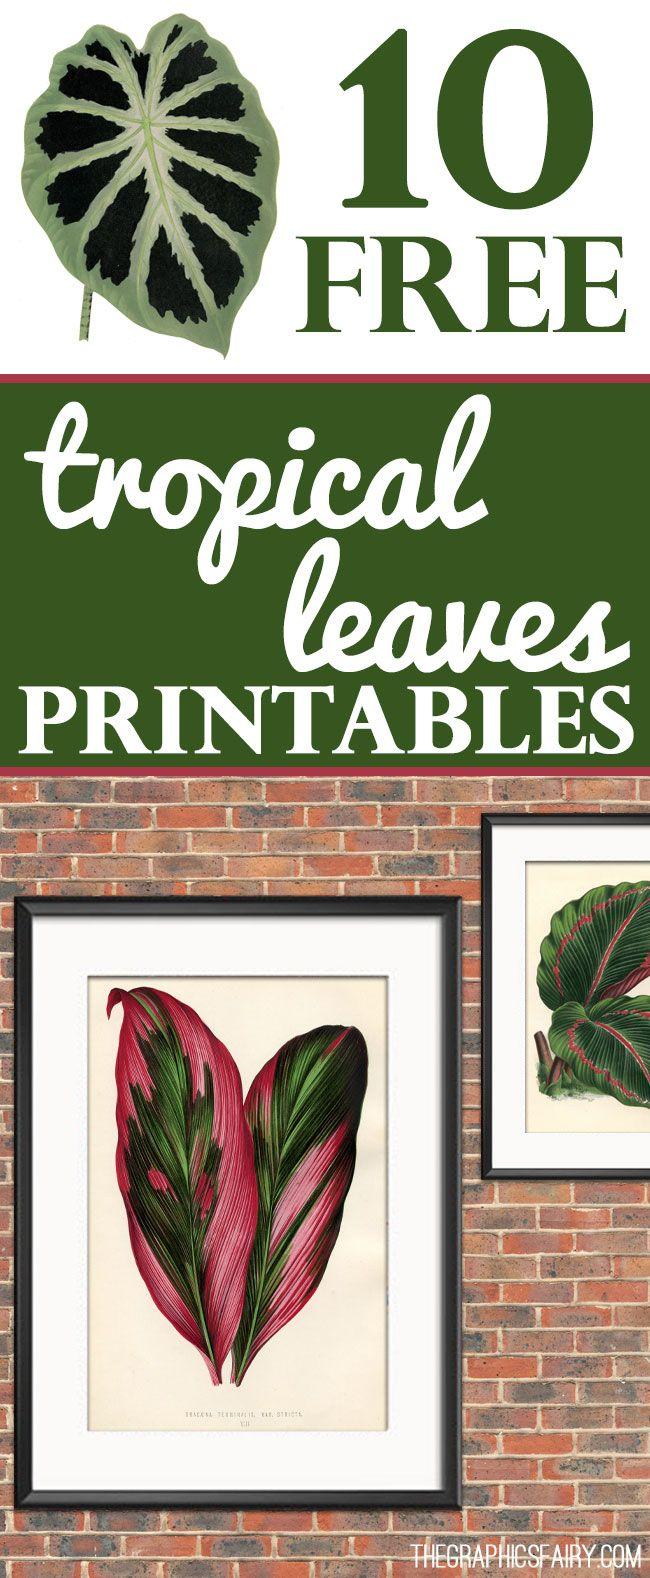 10 Free Tropical Leaves Printables Leaf Printables Tropical Printables Tropical Home Decor Page 1 of free vector tropical leaves. 10 free tropical leaves printables